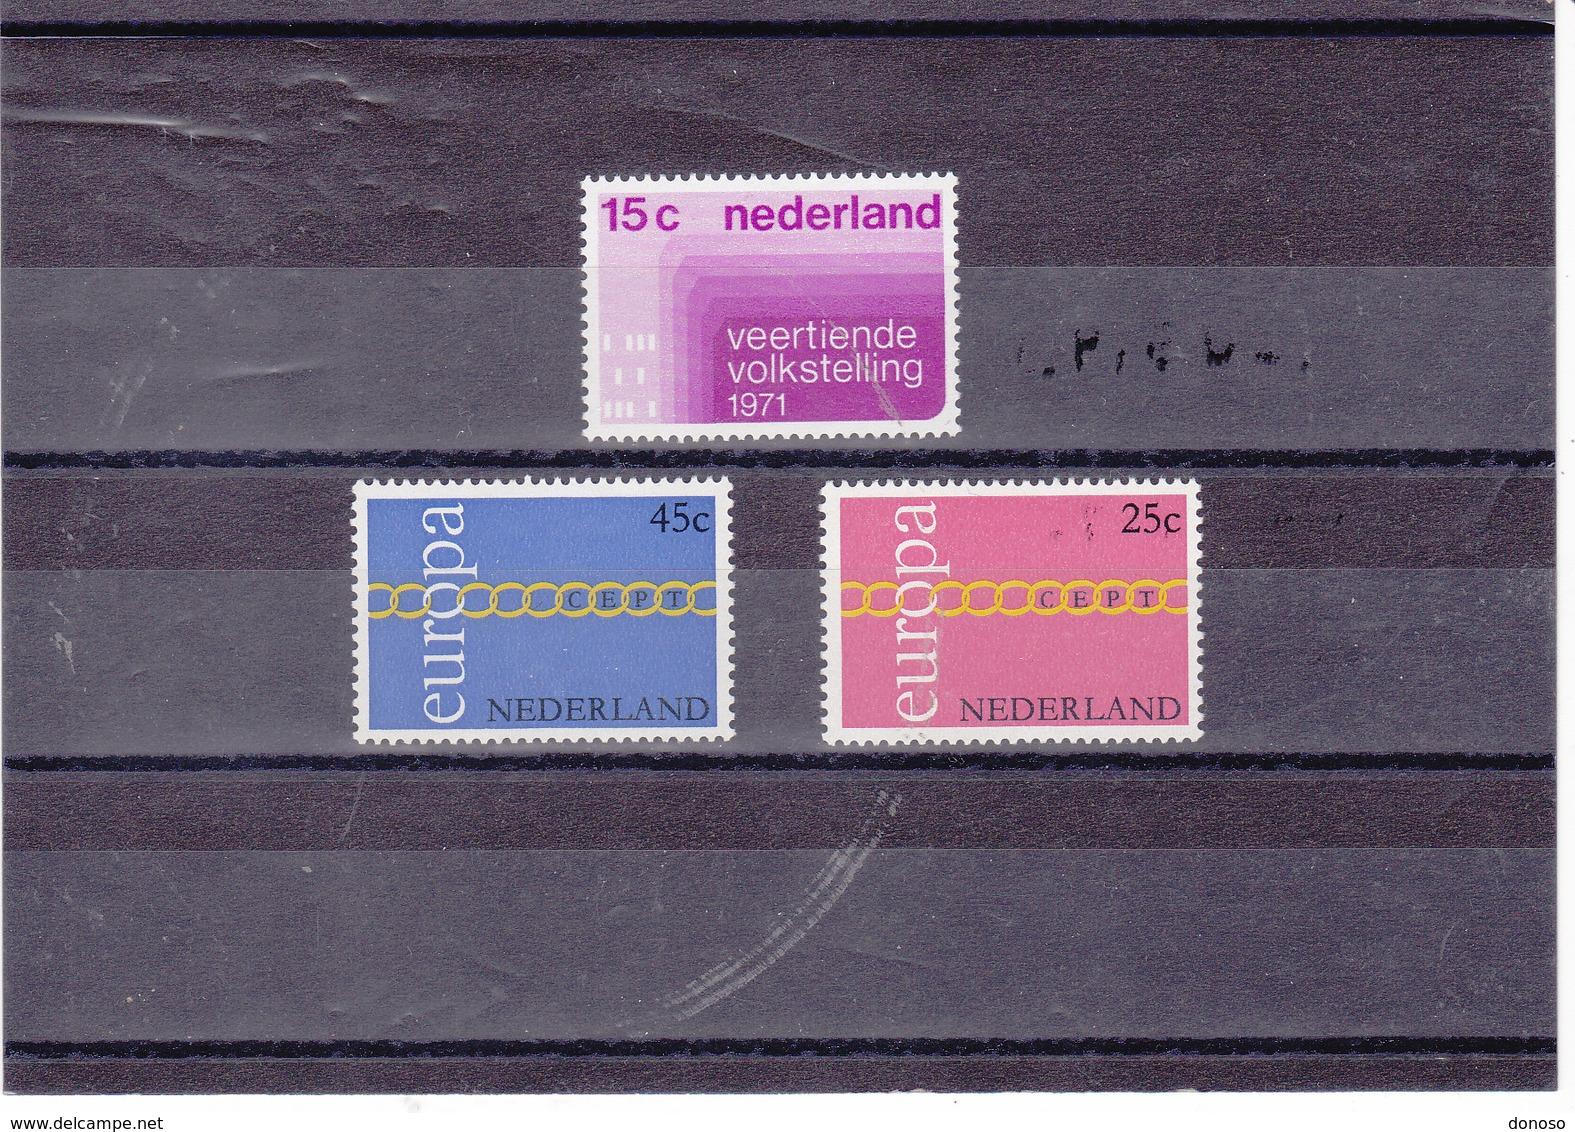 PAYS BAS 1971 Yvert 926 + 932-933 NEUF** MNH - Period 1949-1980 (Juliana)